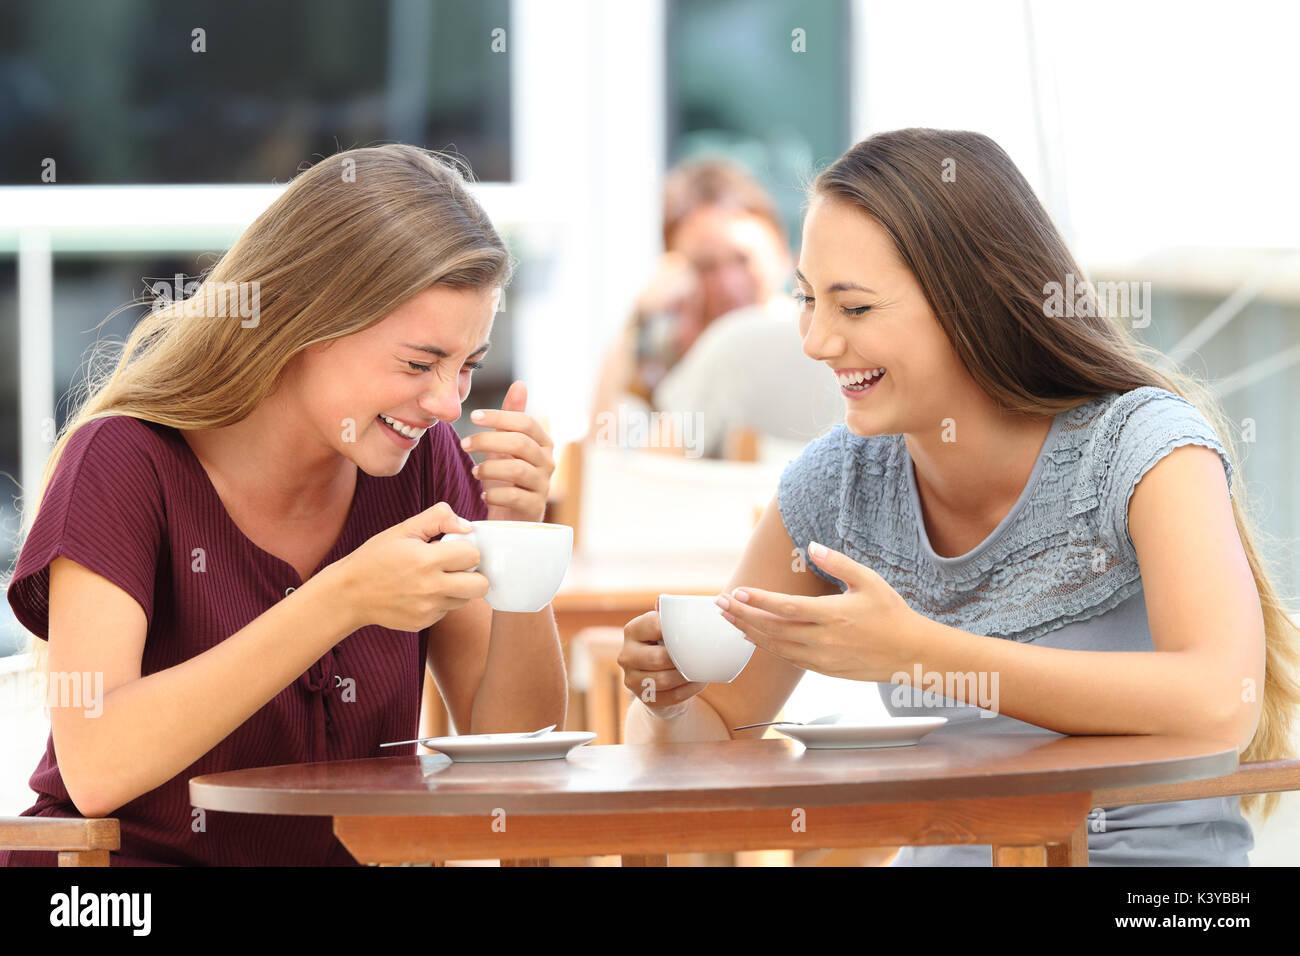 Deux meilleurs amis rire bruyant pendant une conversation assis dans un restaurant. Photo Stock